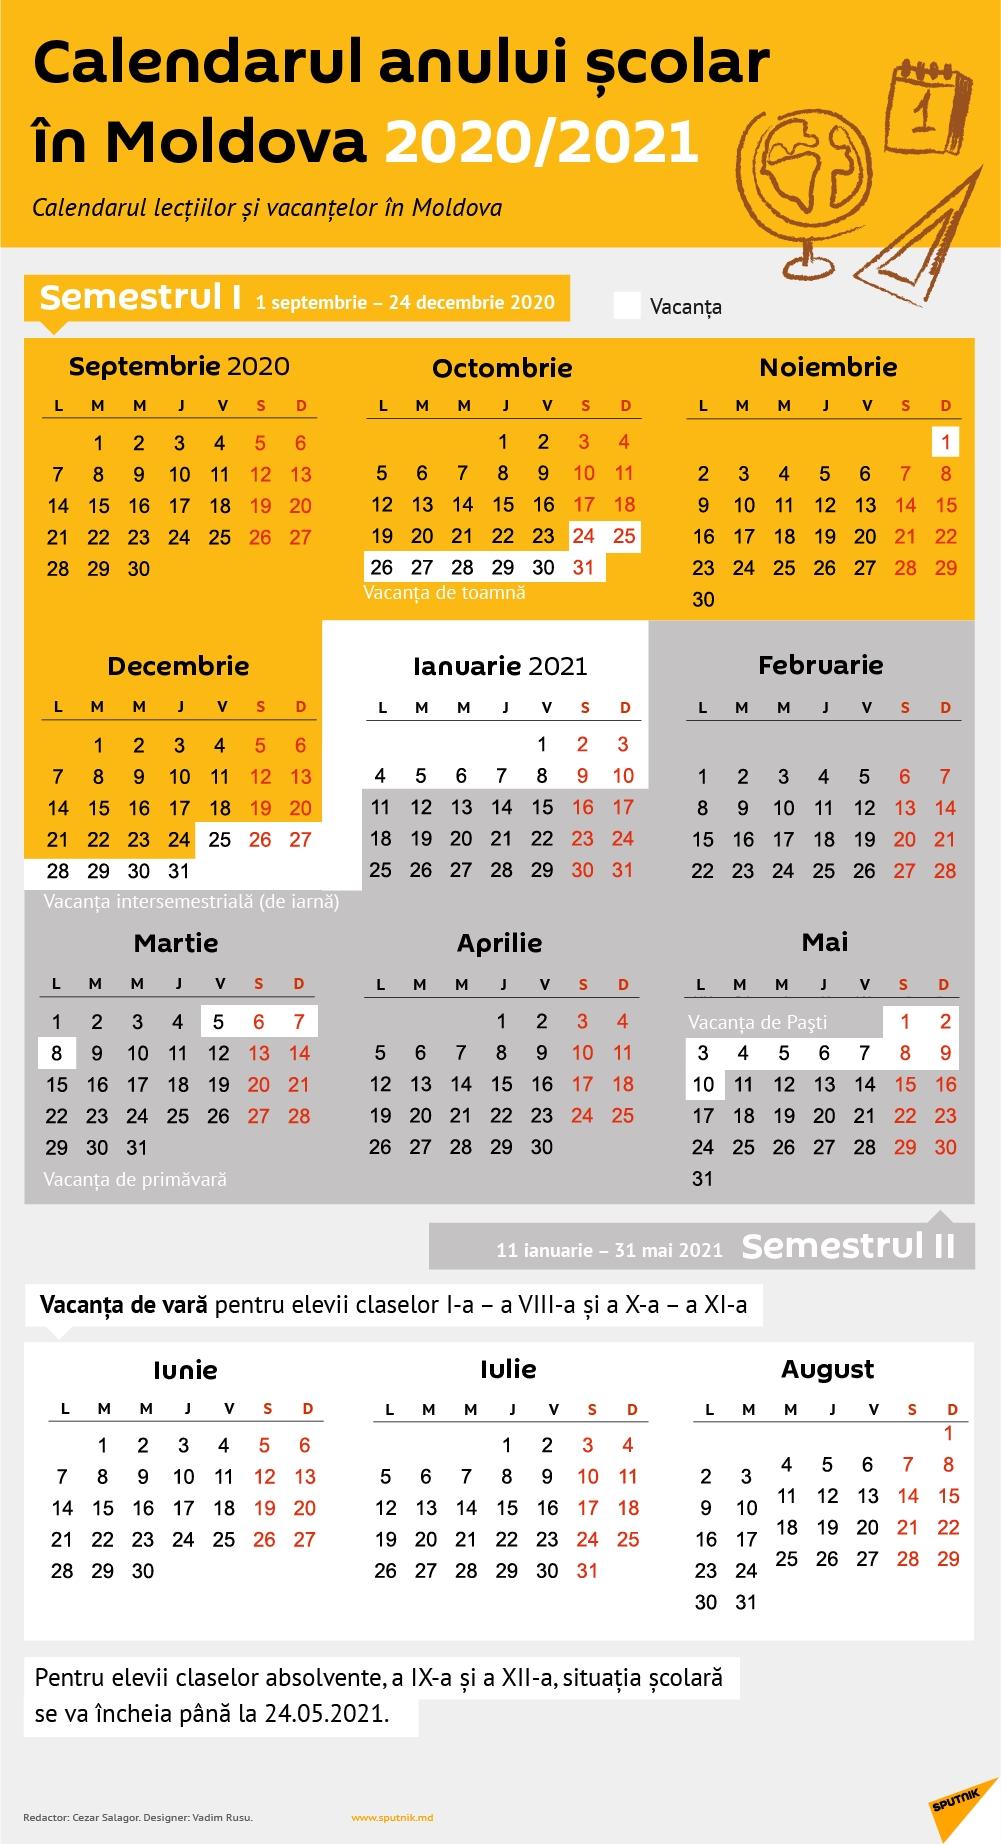 Structura Anului Școlar 2020-2021: Calendarul Lecțiilor Și